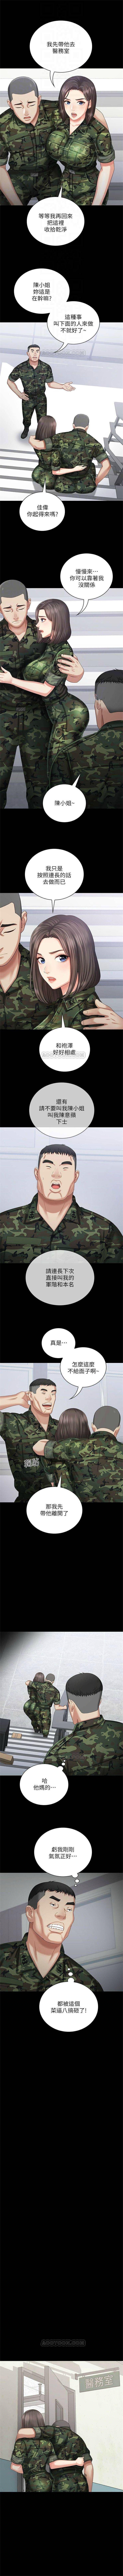 (週6)妹妹的義務 1-19 中文翻譯(更新中) 106